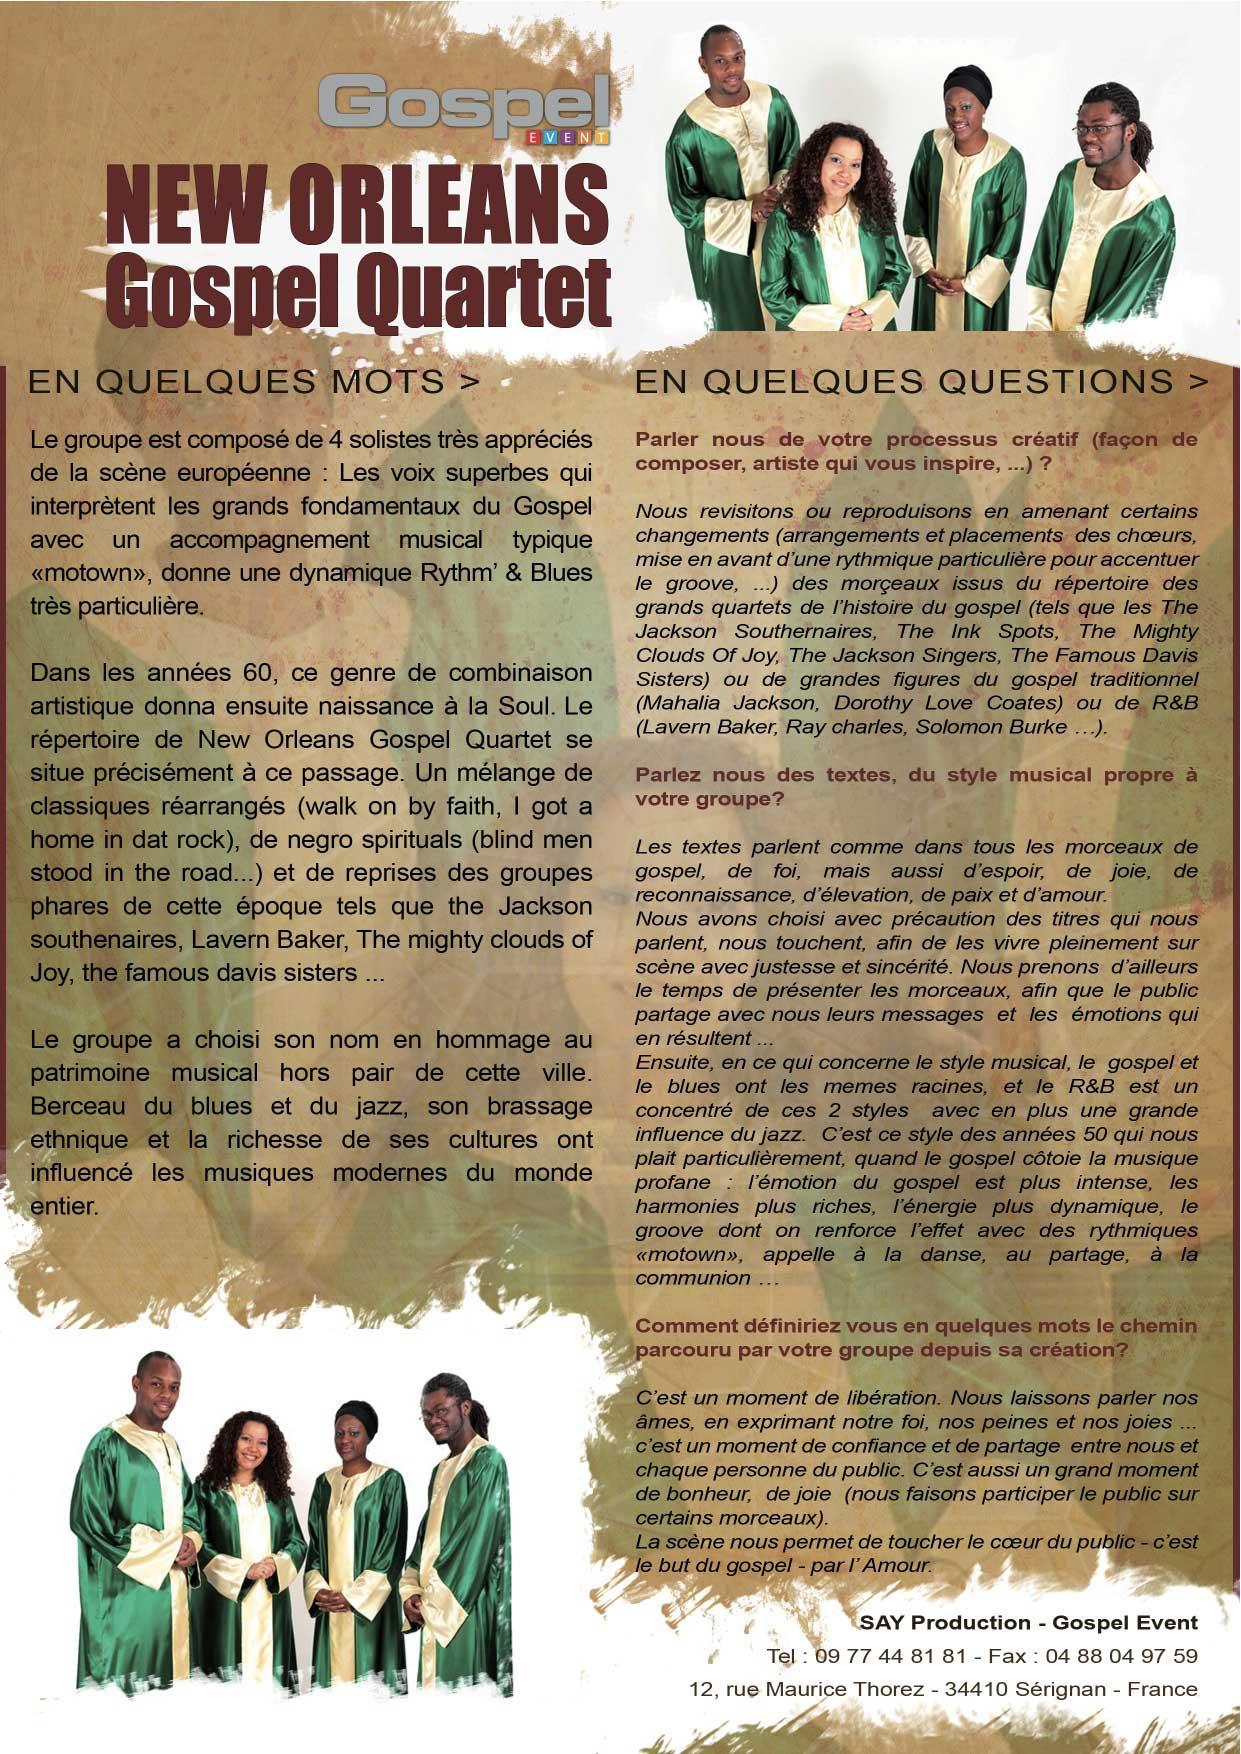 Choisi peu de groupe de gospel